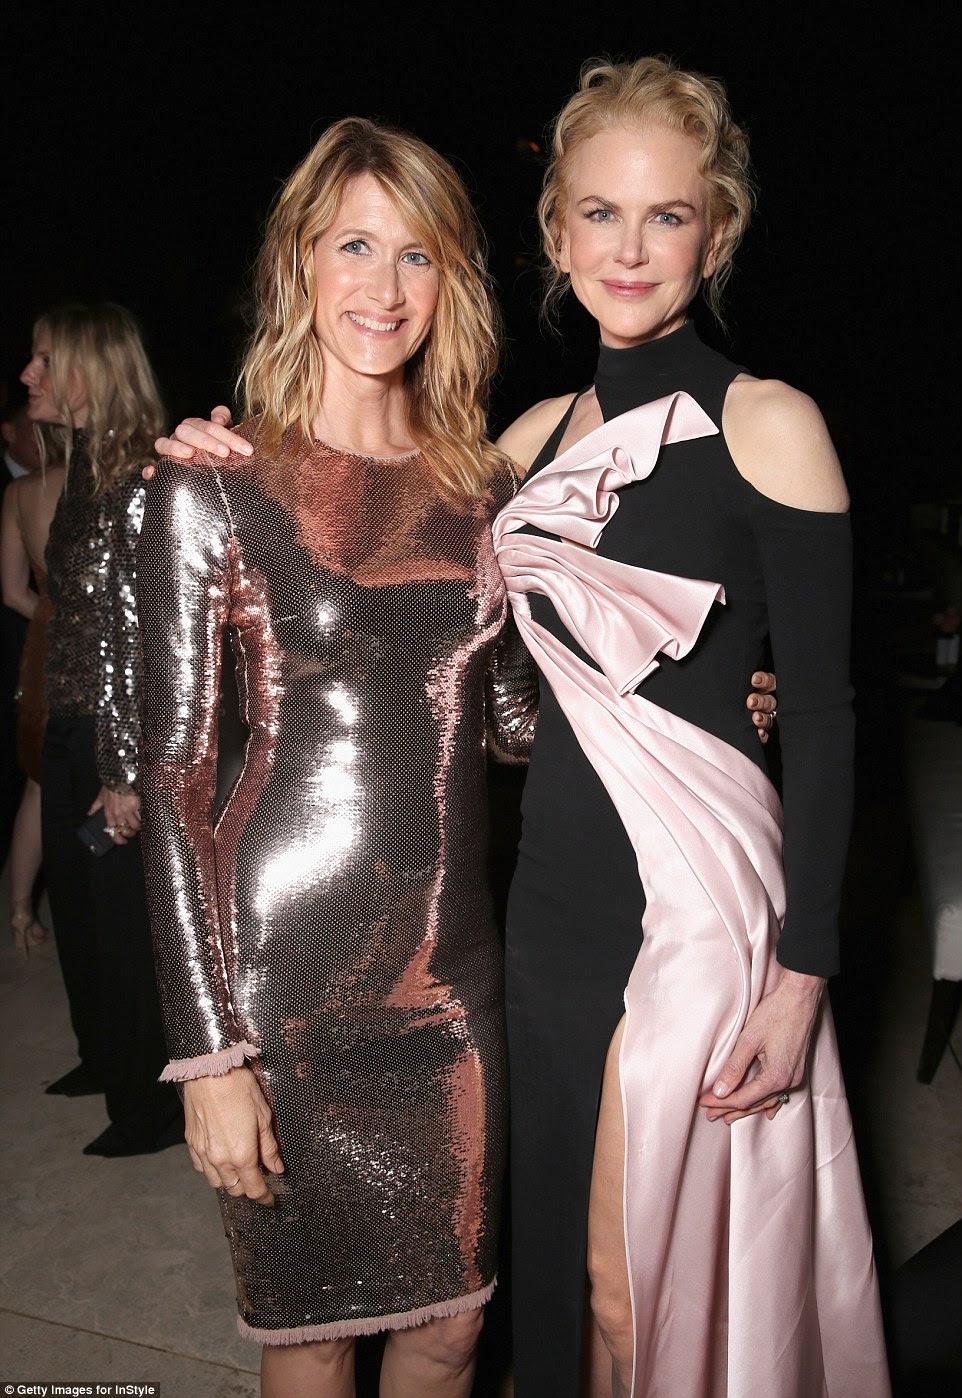 Ageless: Laura e companheiro atriz Nicole compartilhada uma imagem bonita